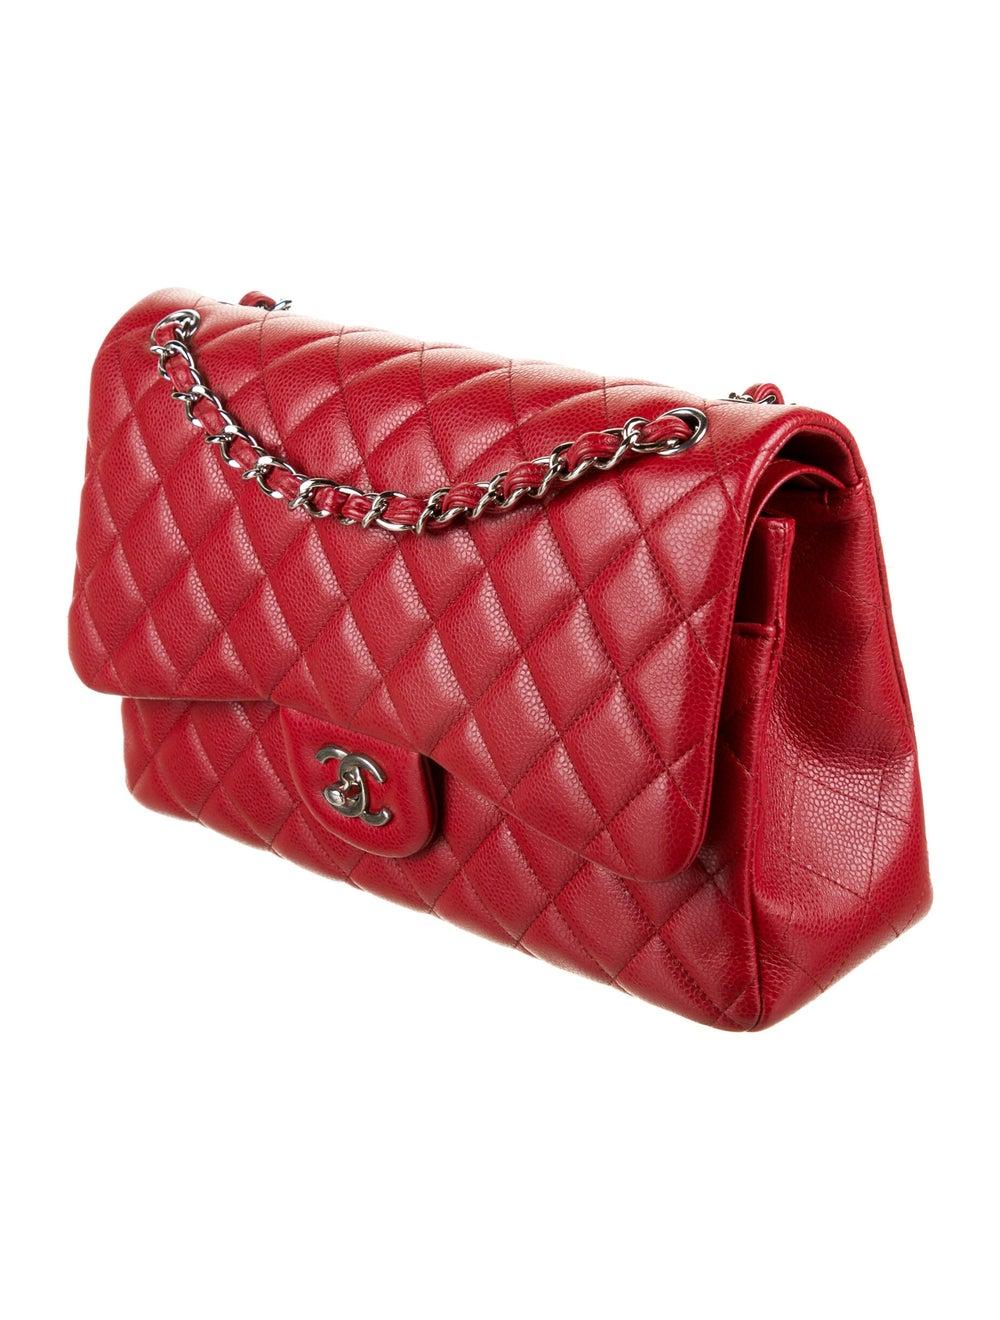 Chanel Classic Jumbo Double Flap Bag Red - image 3